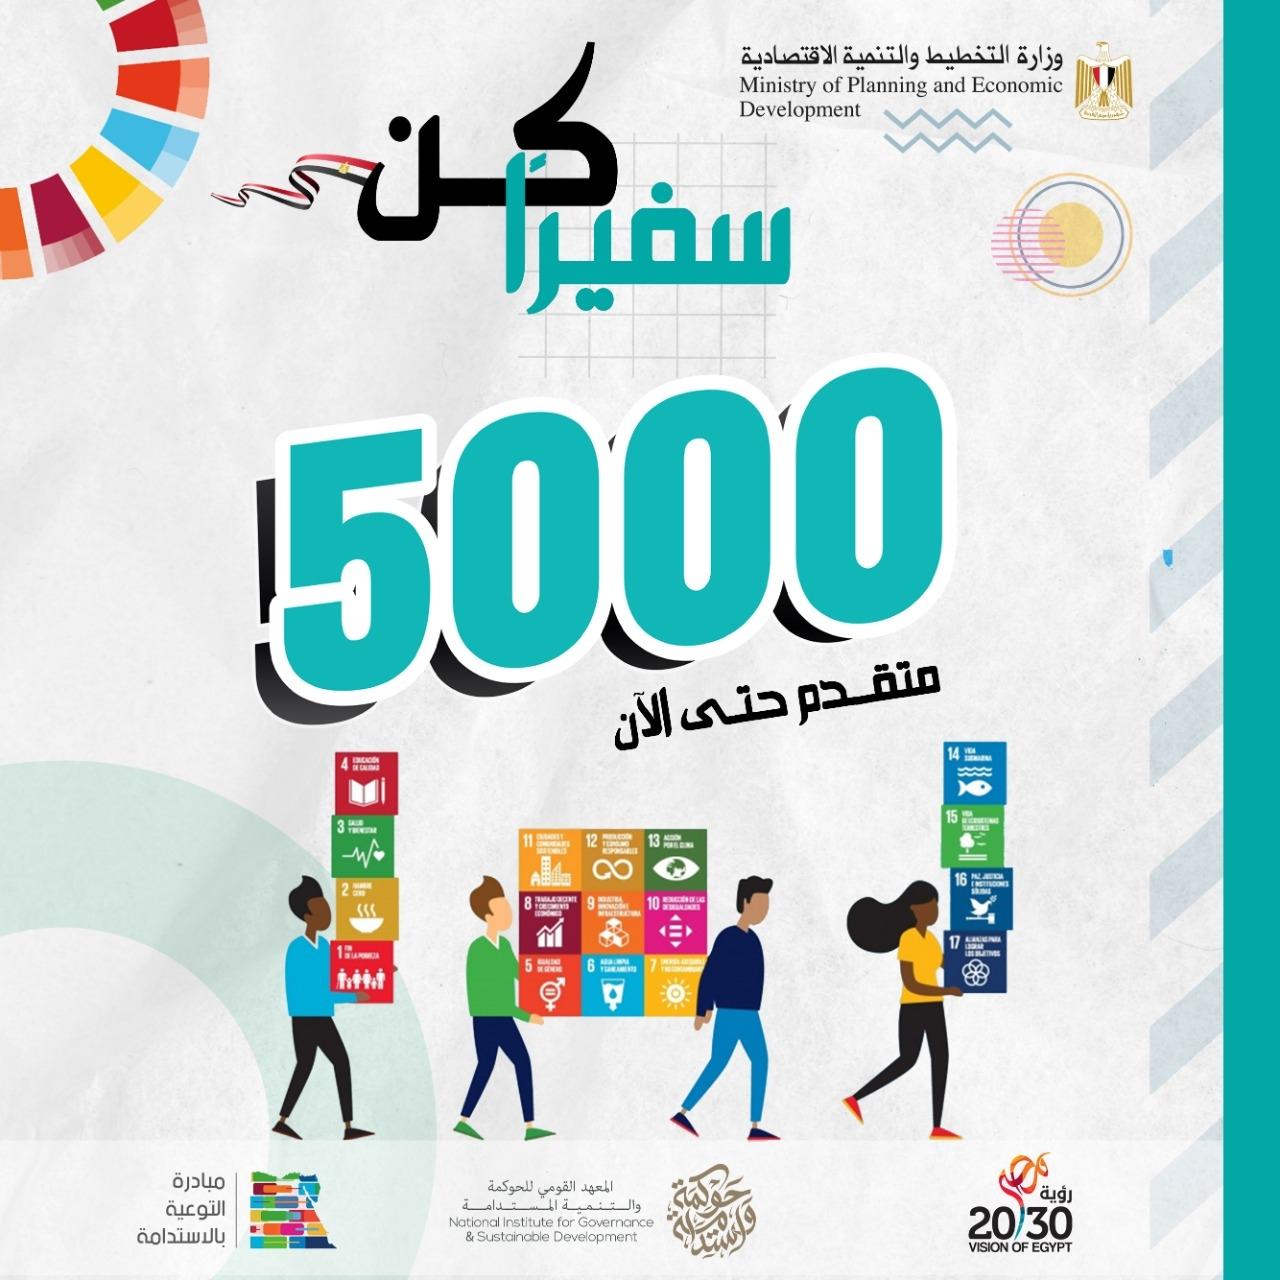 5 آلاف شاب تقدموا للاشتراك في مبادرة كن سفيراً .. 14 نوفمبر غلق باب التقدم